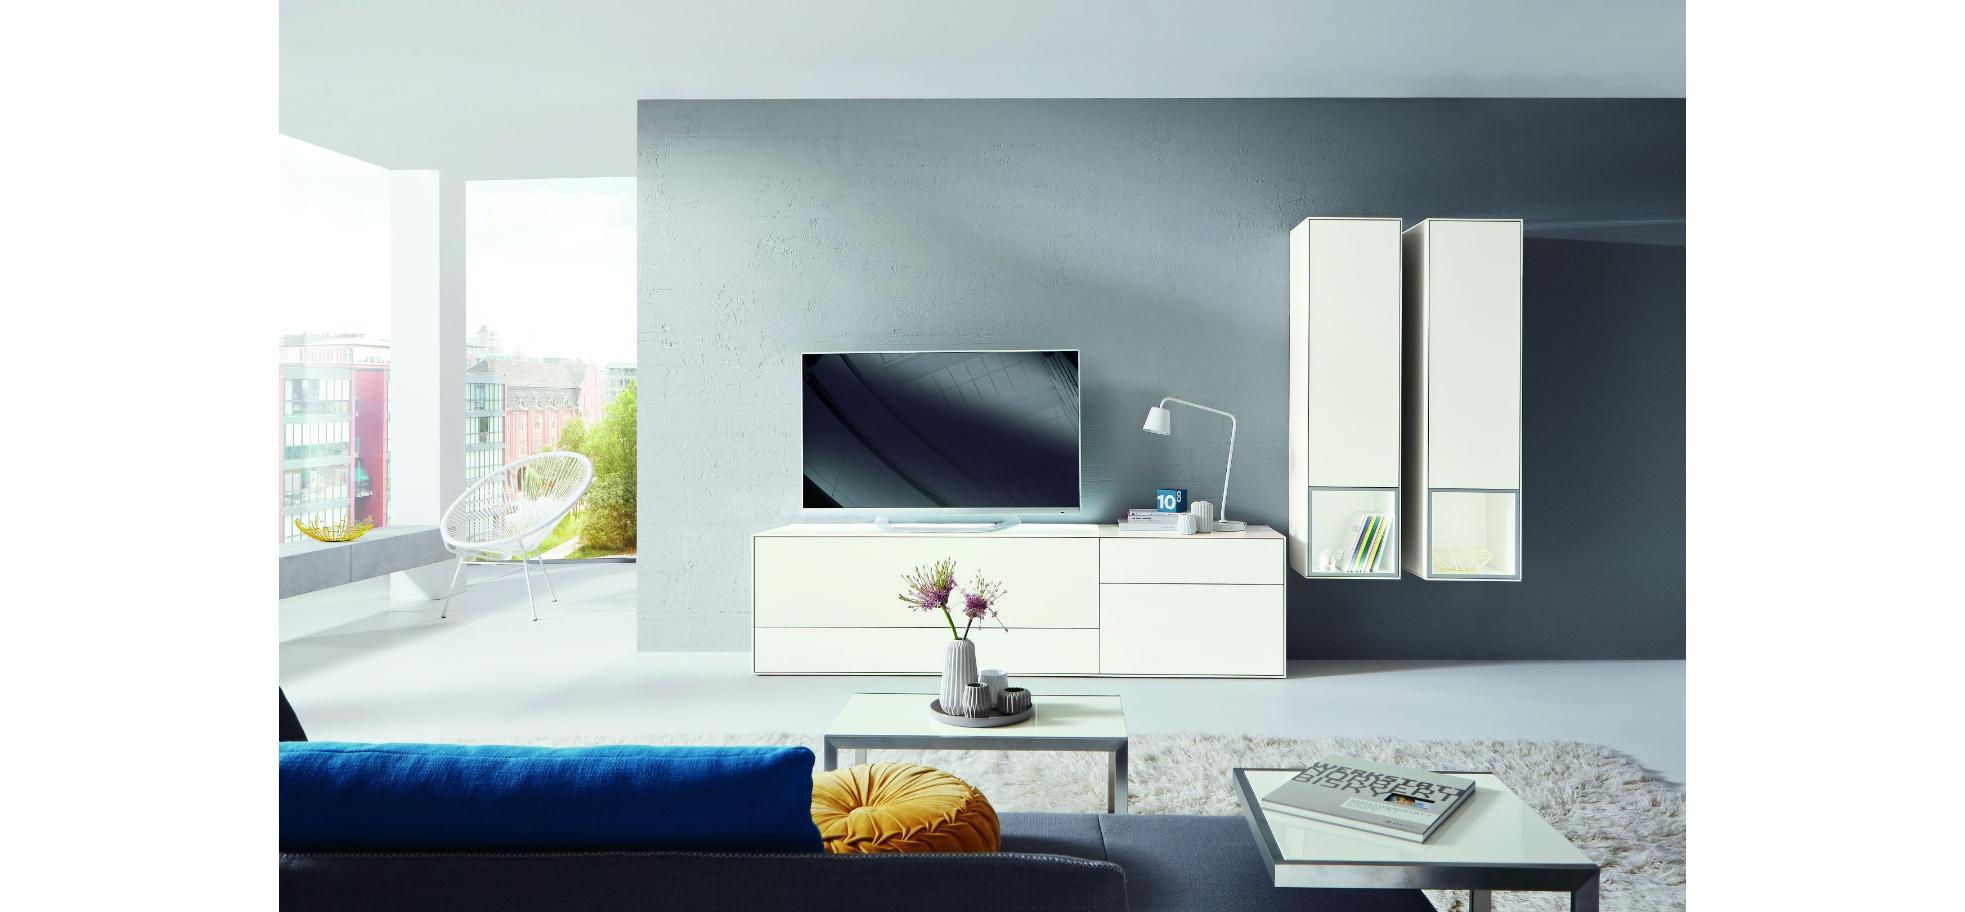 Moderne wohnwand in lack hochglanz wei m belhaus pohl wilhelmshaven friesland m belhaus - Moderne wohnwand weiss hochglanz ...